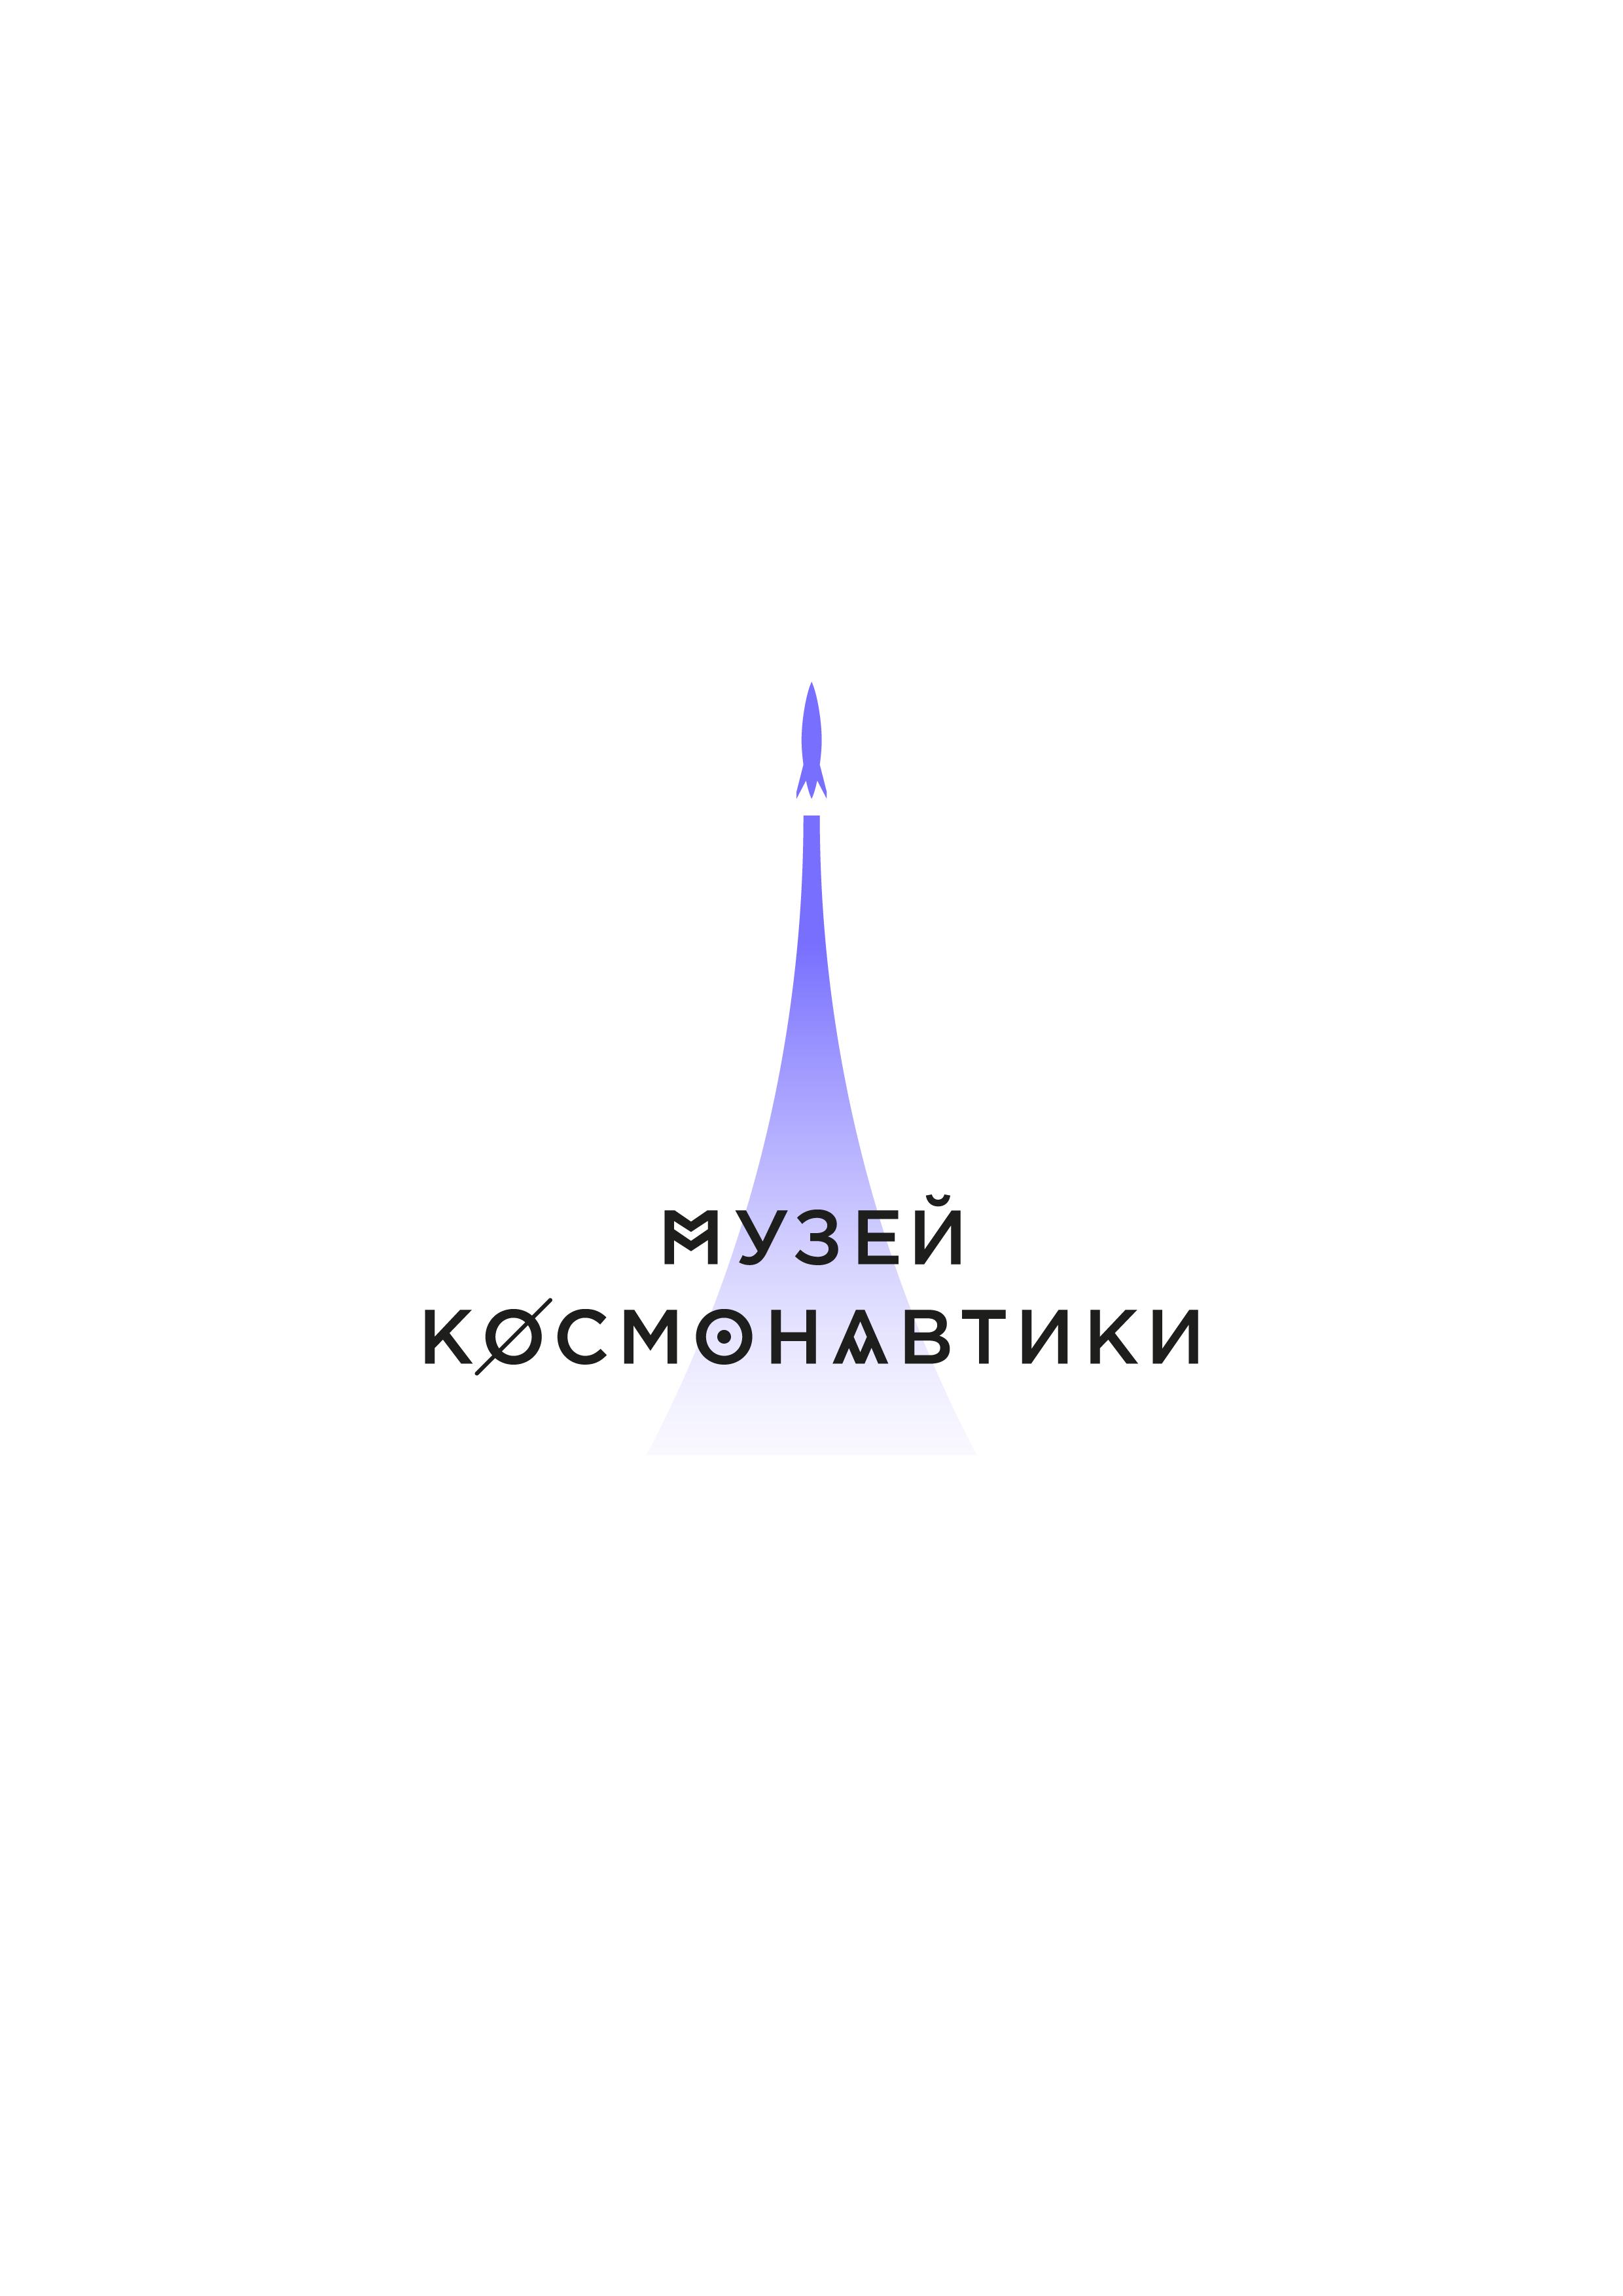 Музей космонавтики ~ Пресс-служба Музей Космонавтики Лого